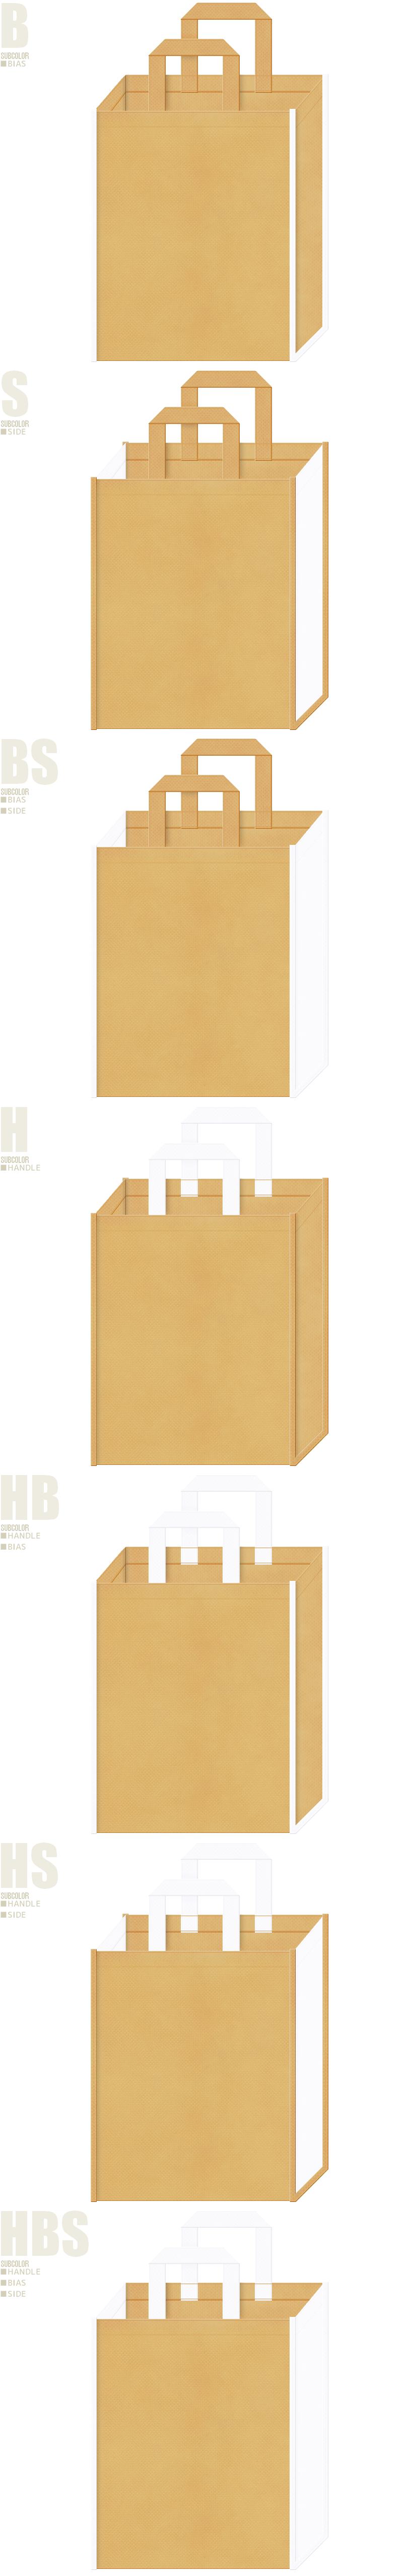 薄黄土色と白色、7パターンの不織布トートバッグ配色デザイン例。